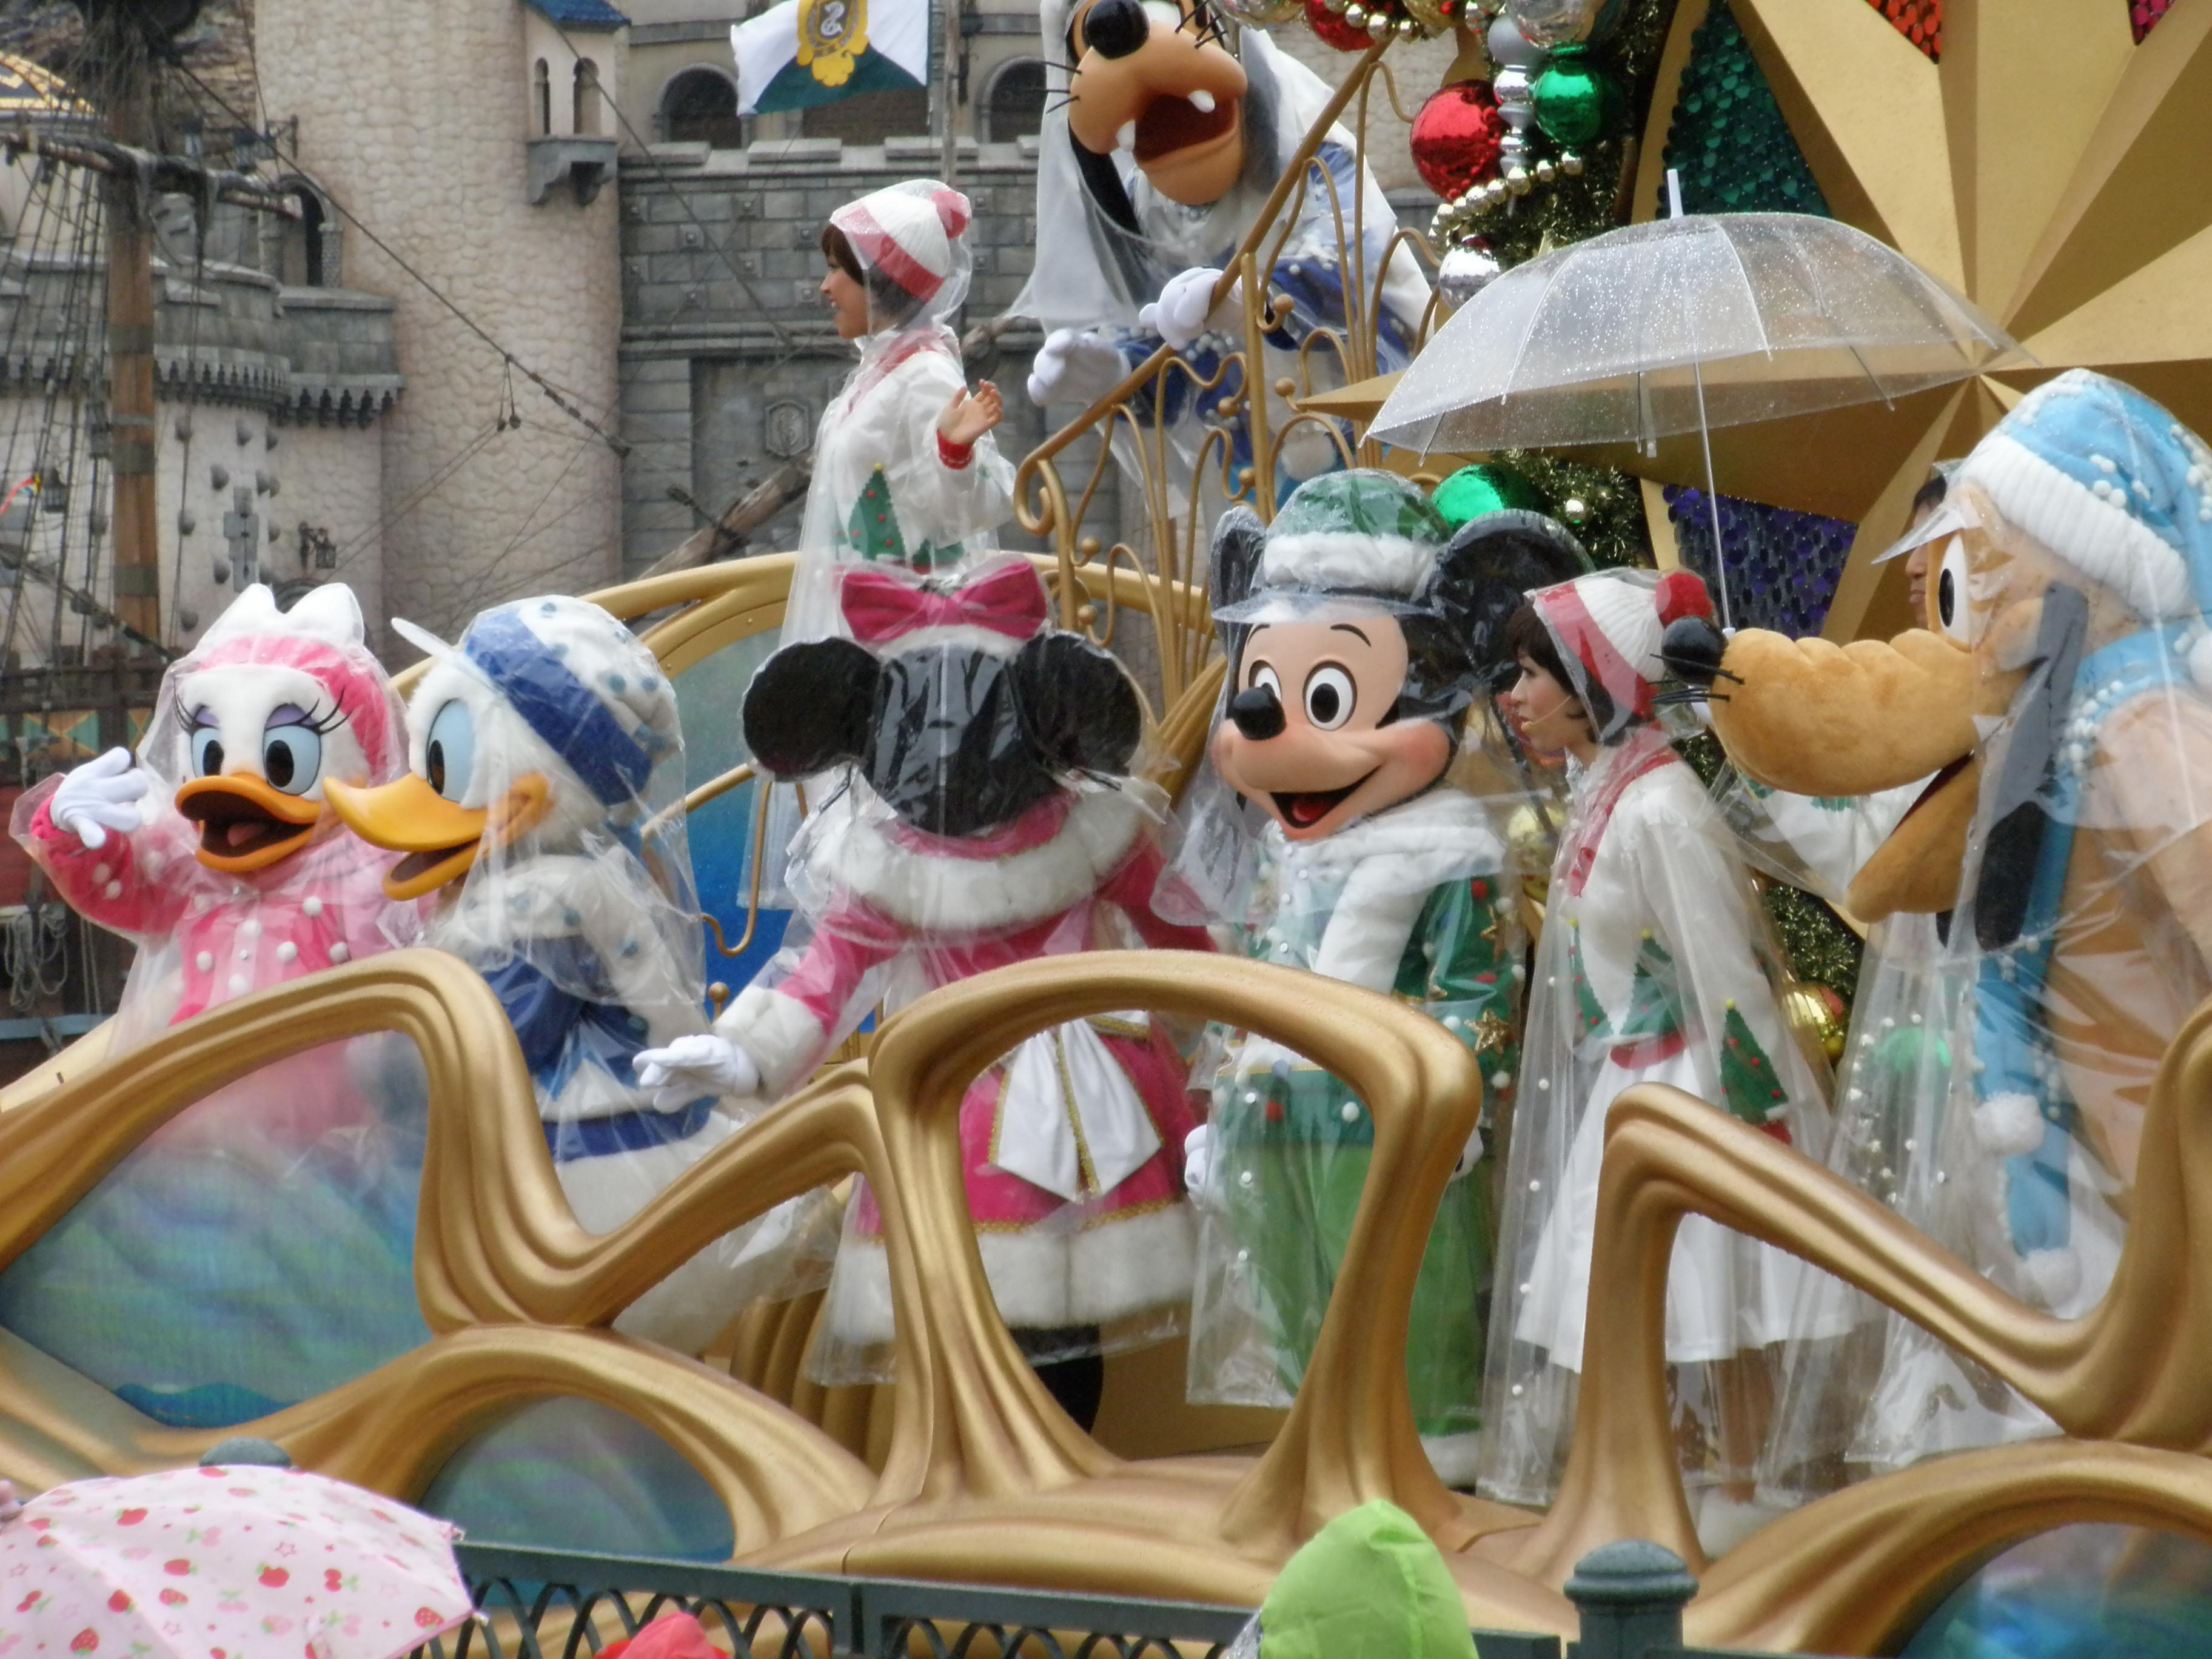 11月17日 雨のディズニー・シー』東京ディズニーリゾート(千葉県)の